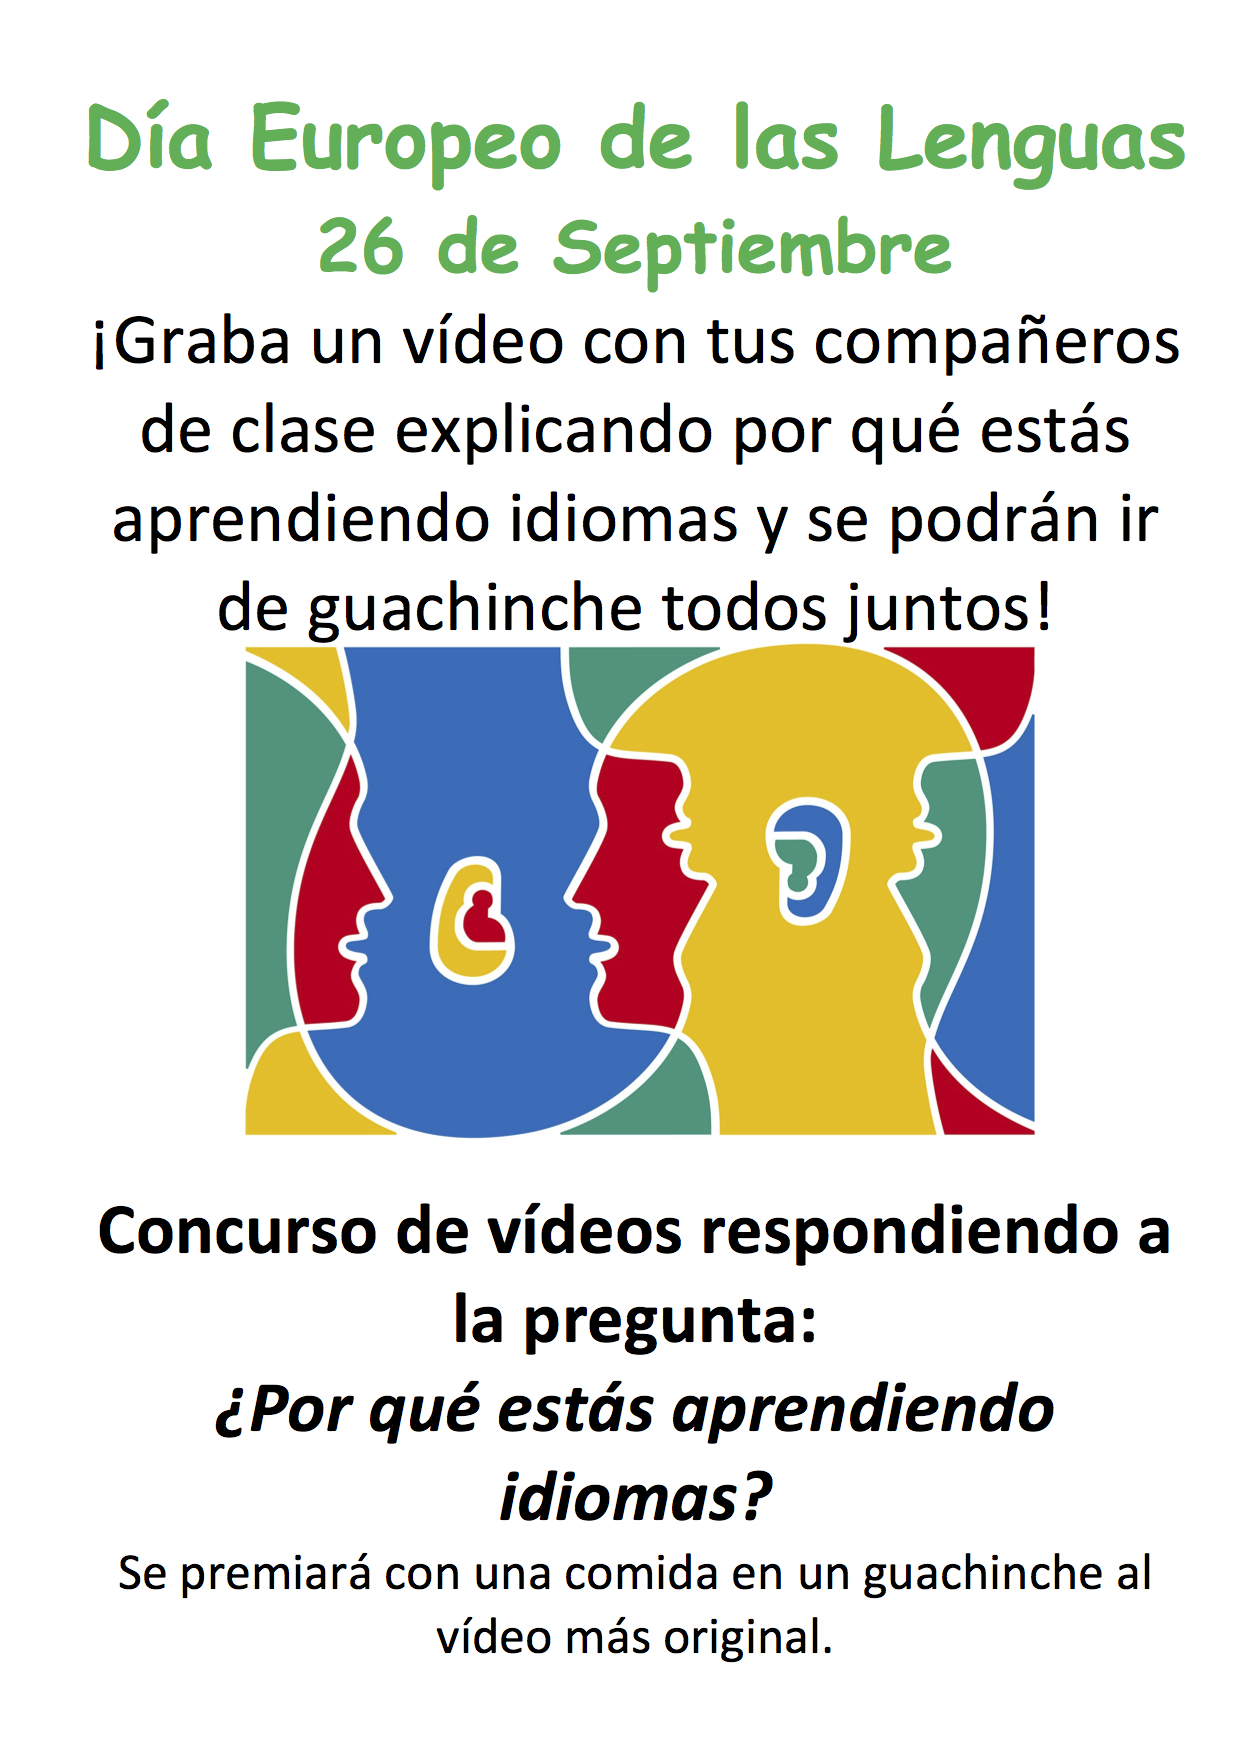 día europeo de las lenguas_concurso vídeo